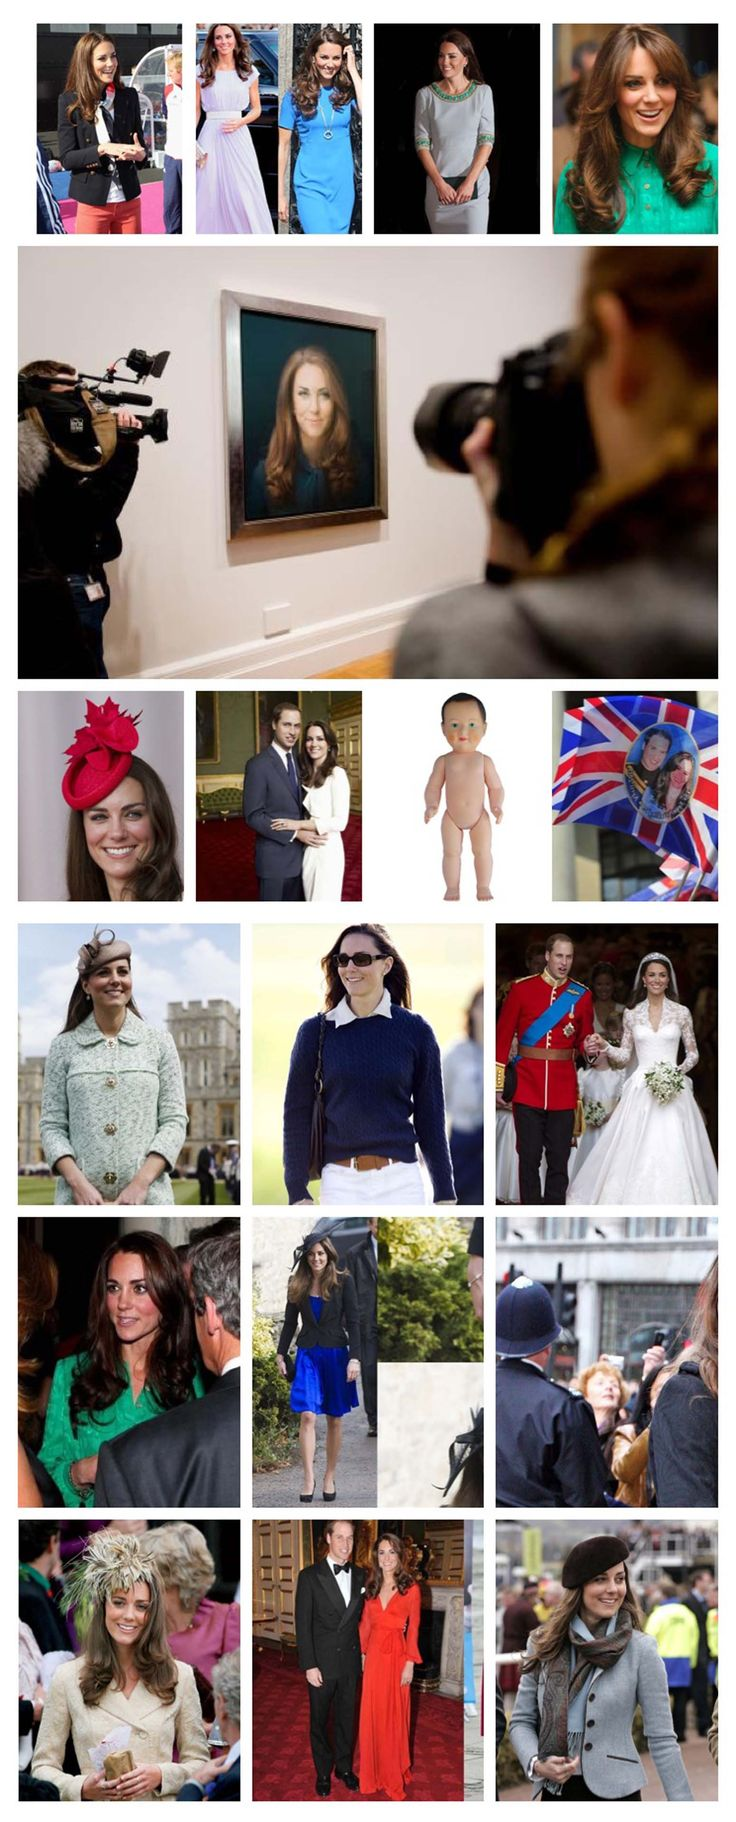 Royal baby ch re kate difficile de rouvrir une penderie for Le monde exterieur